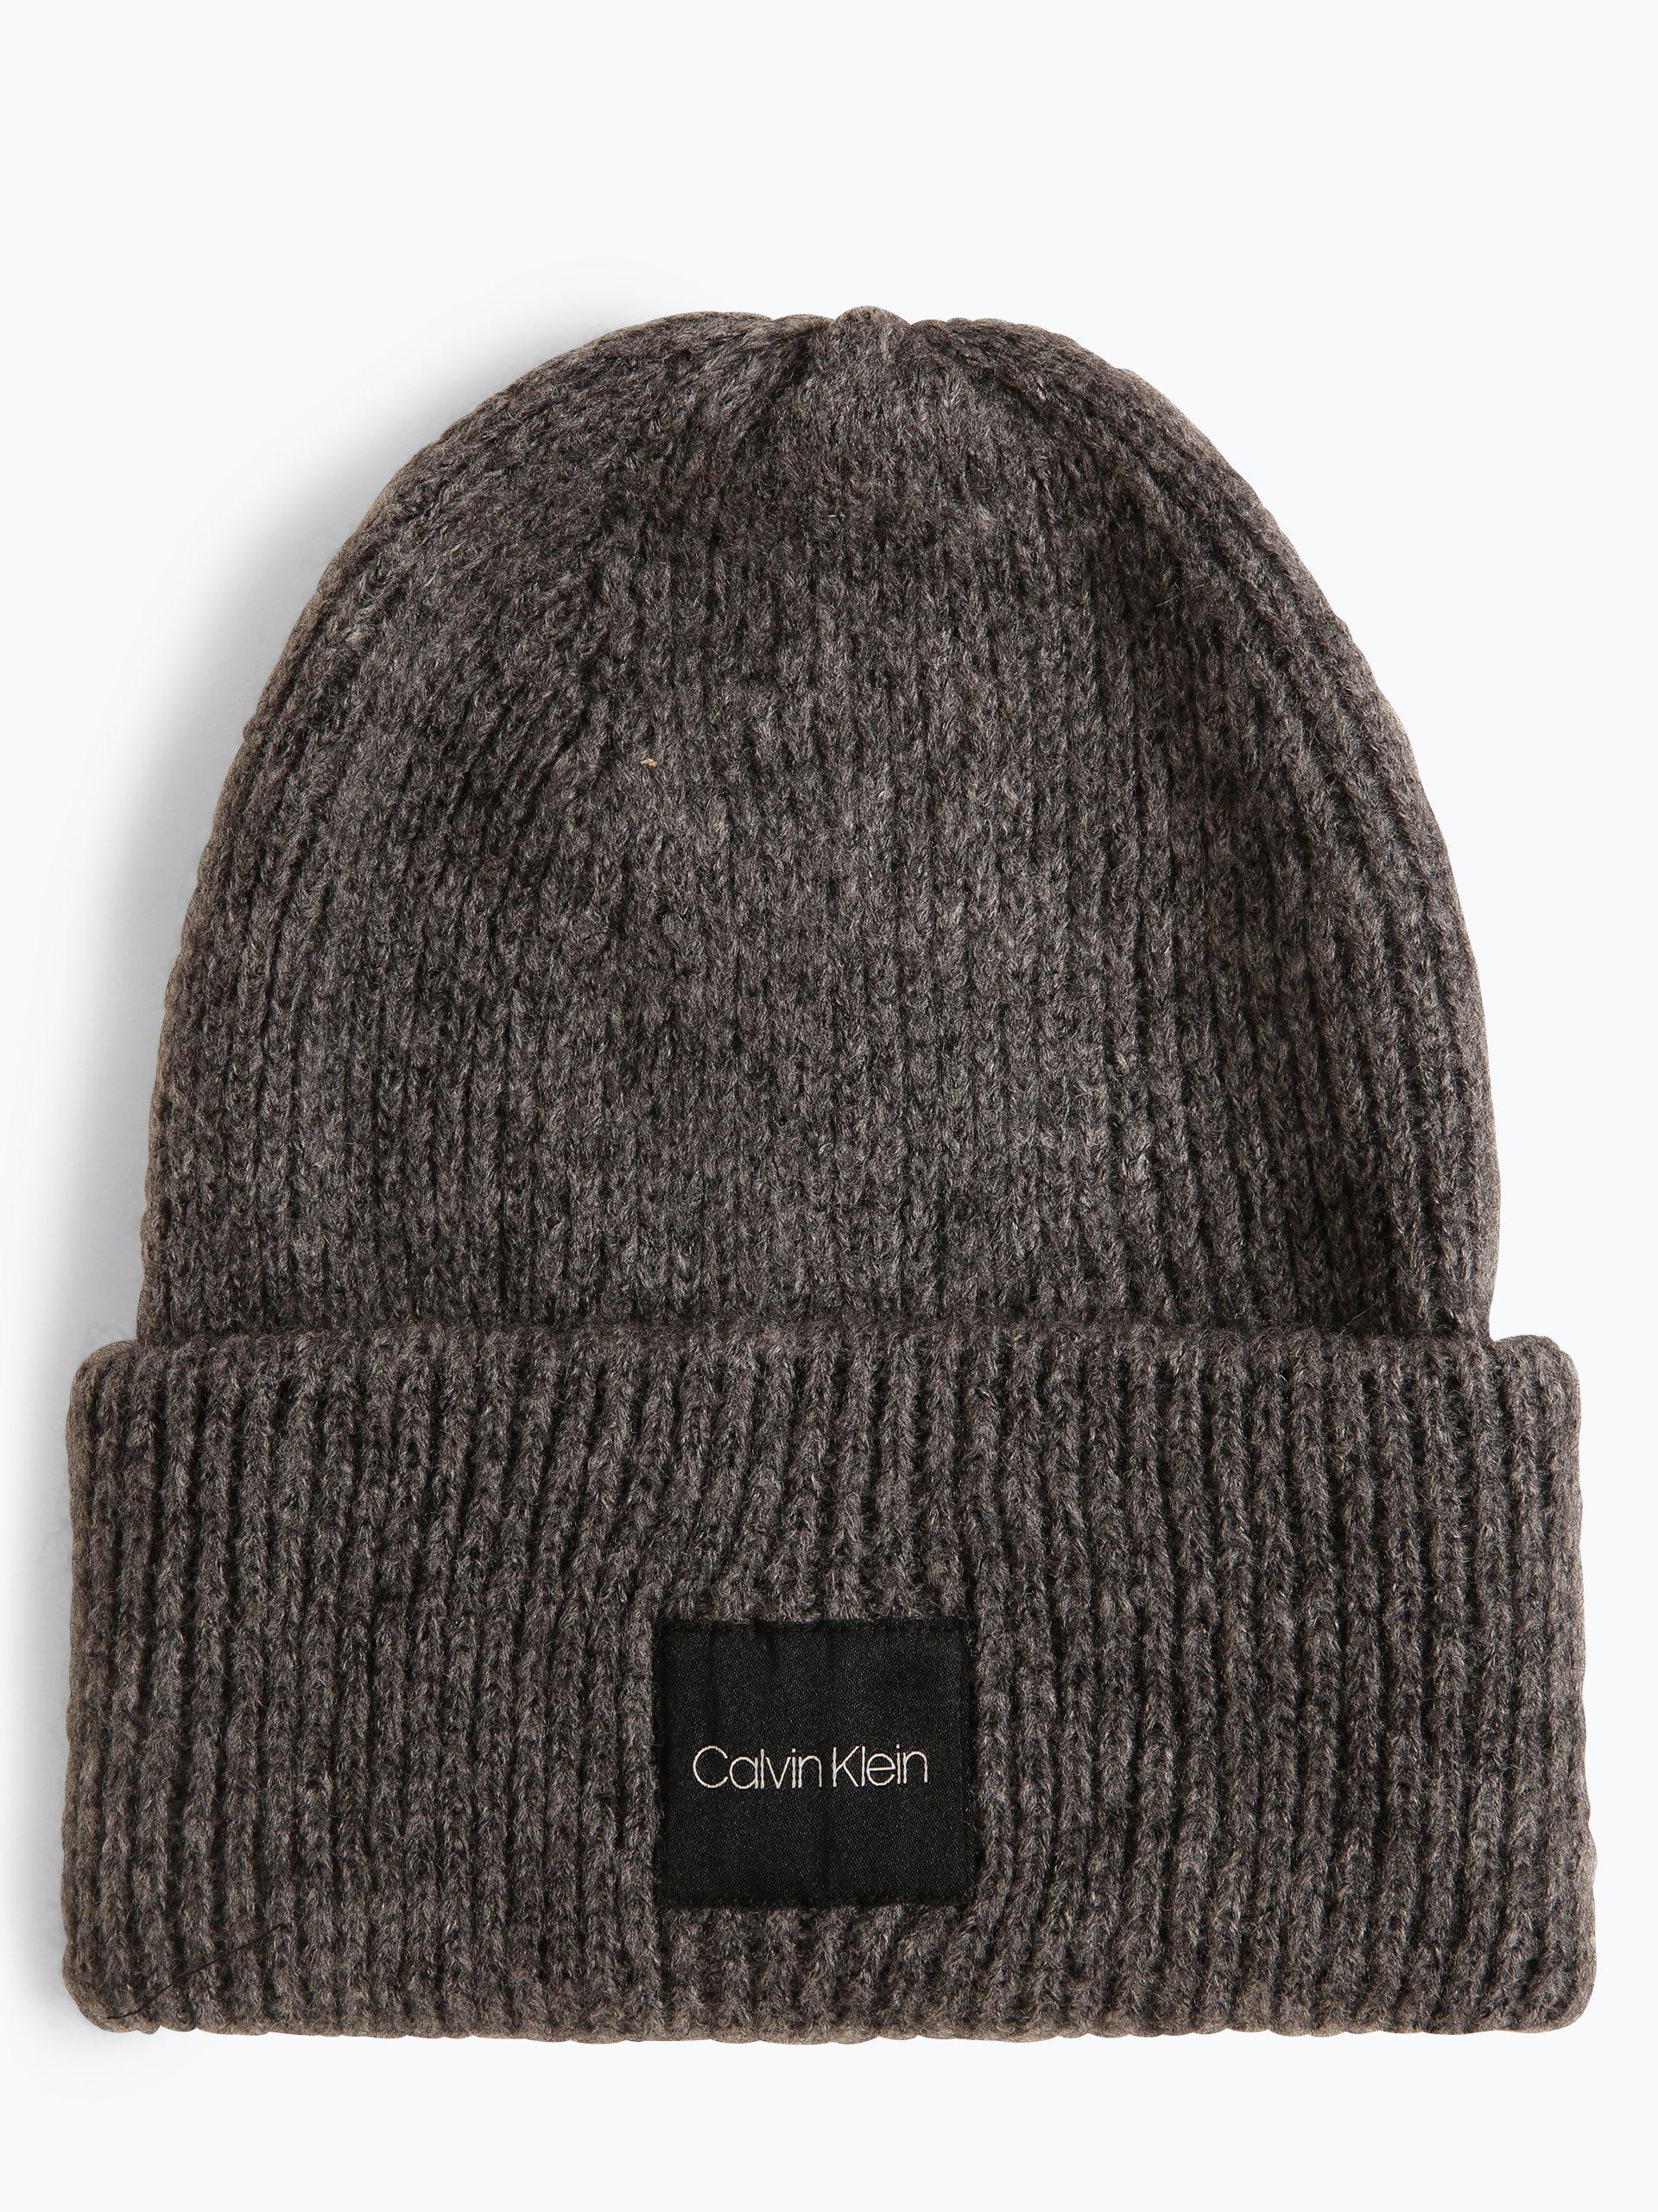 Calvin Klein Damen Mütze mit Mohair-Anteil